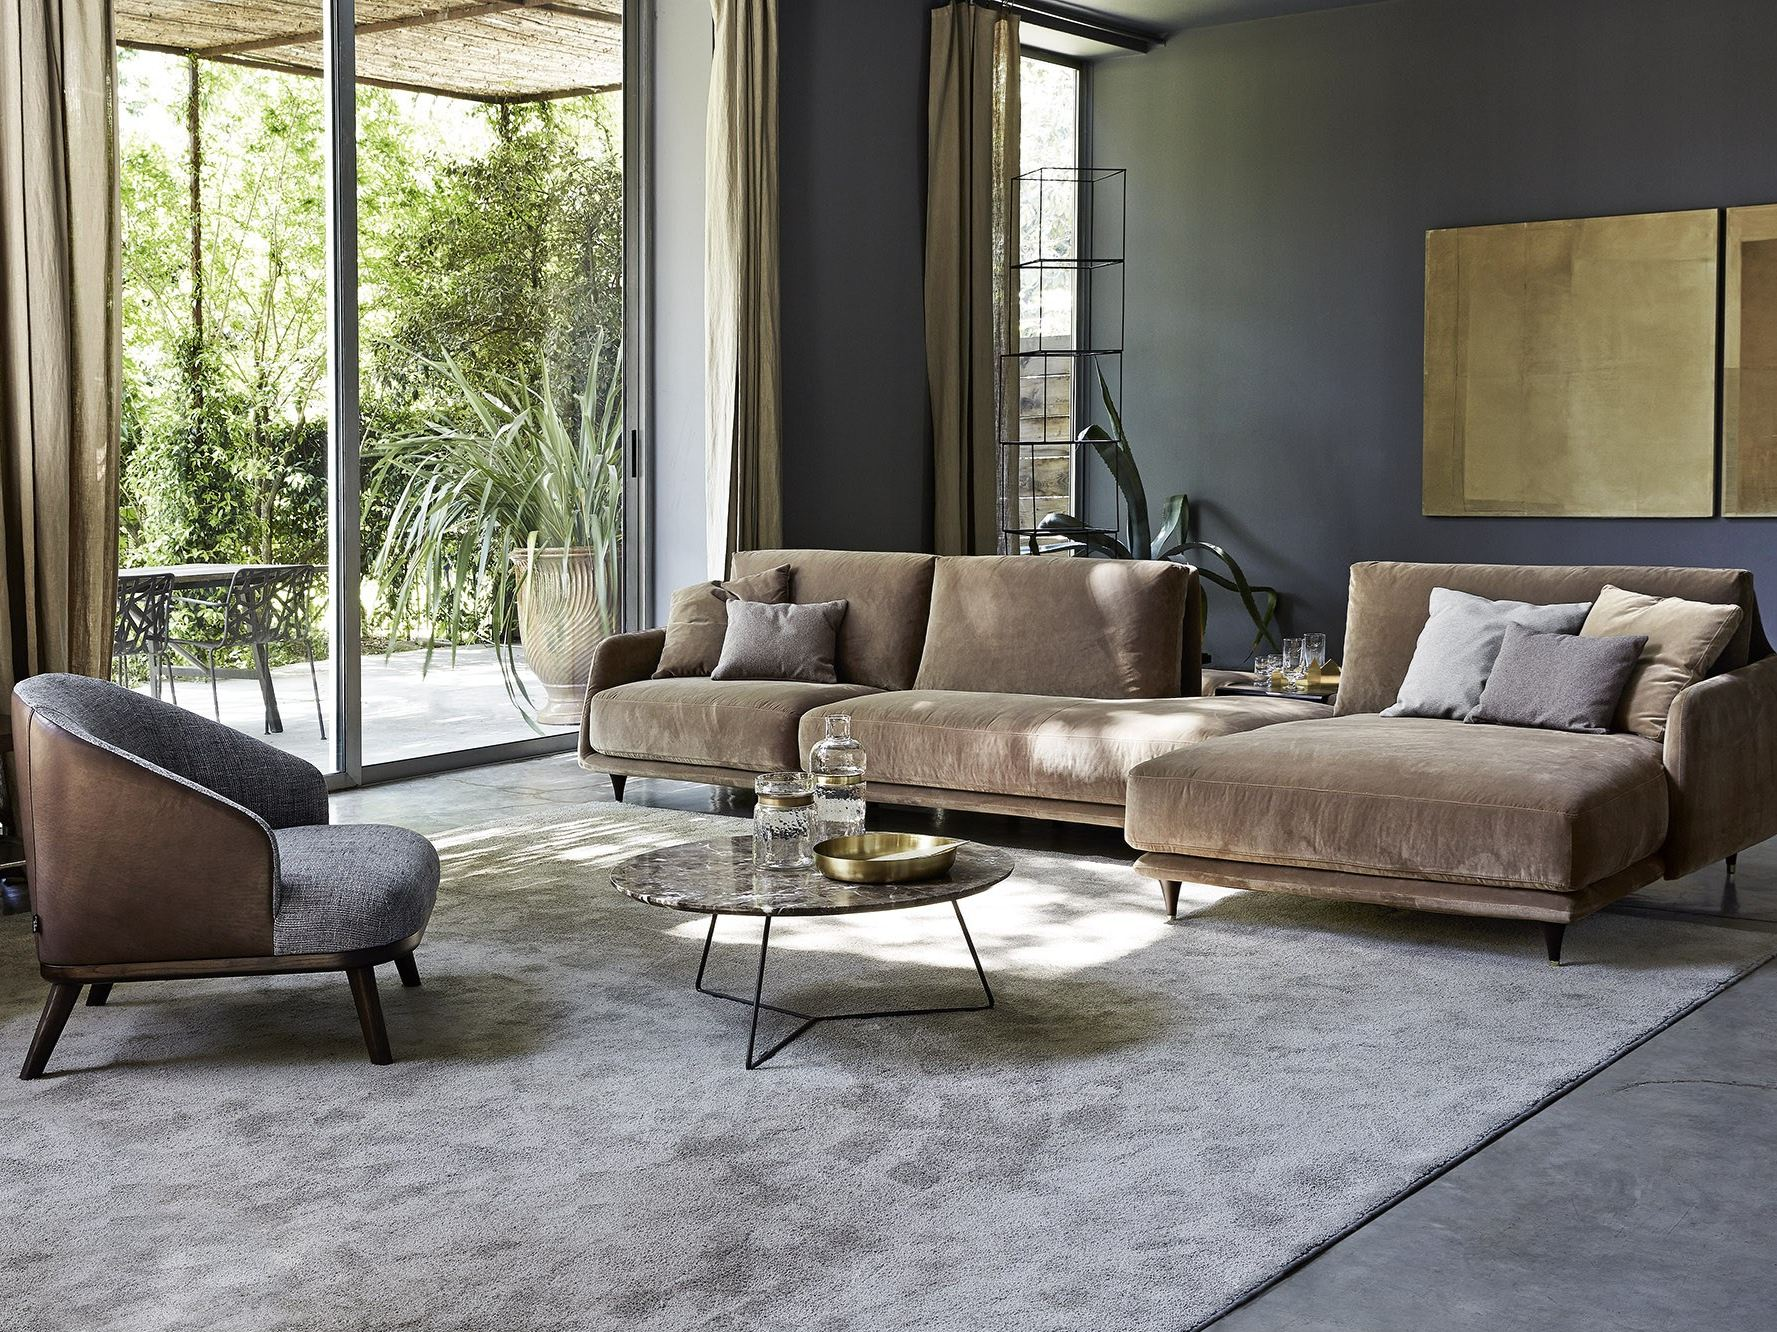 Elliot divano con chaise longue by ditre italia design for Idee salotto